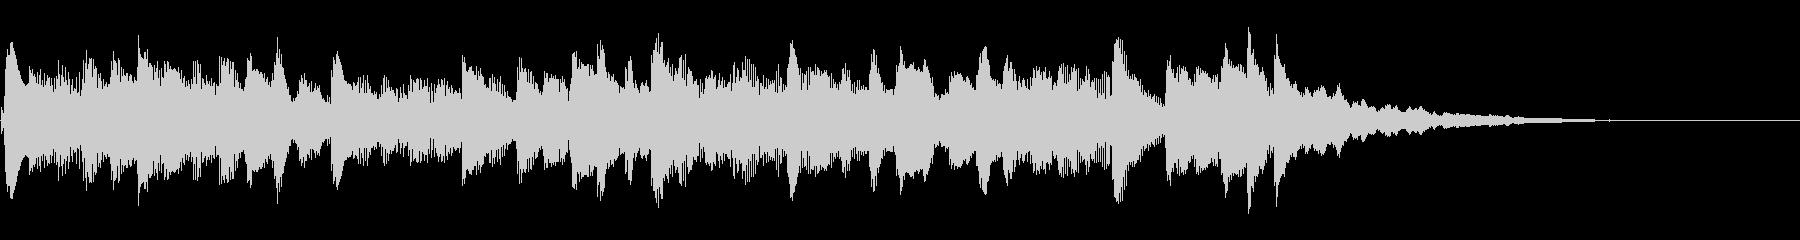 FF・ピアノニューコンテニュージングルの未再生の波形